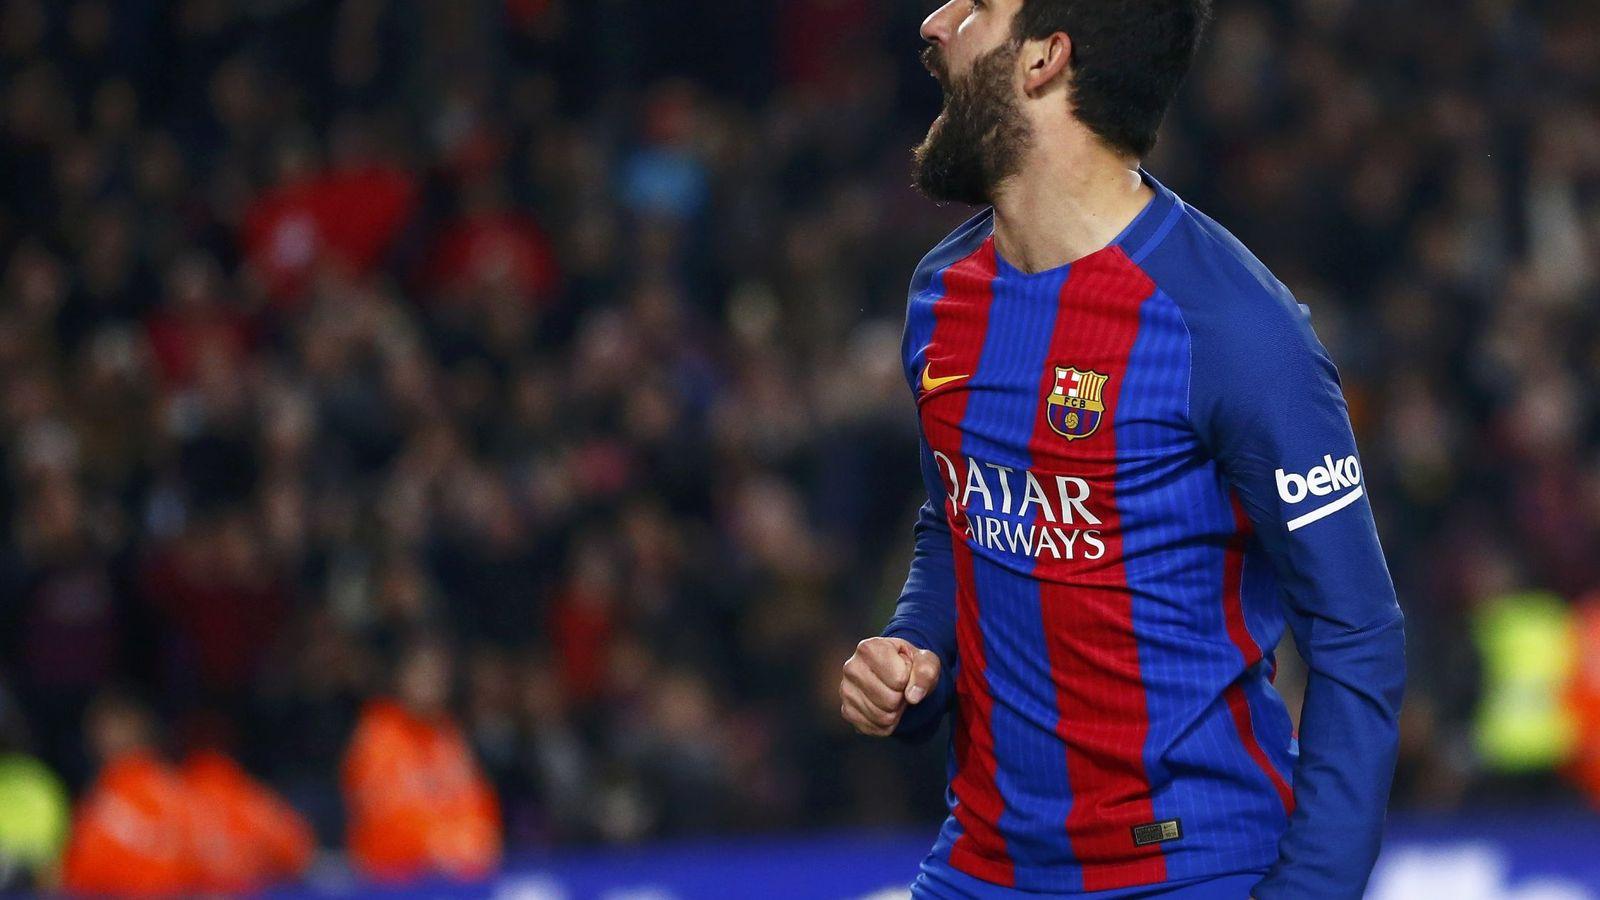 Foto: Arda Turan celebra un gol la temporada pasada. (Reuters)